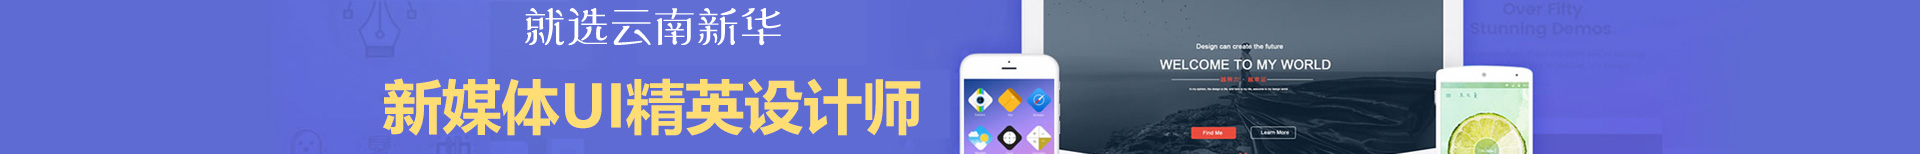 学UI设计选云南新华,就业有保障